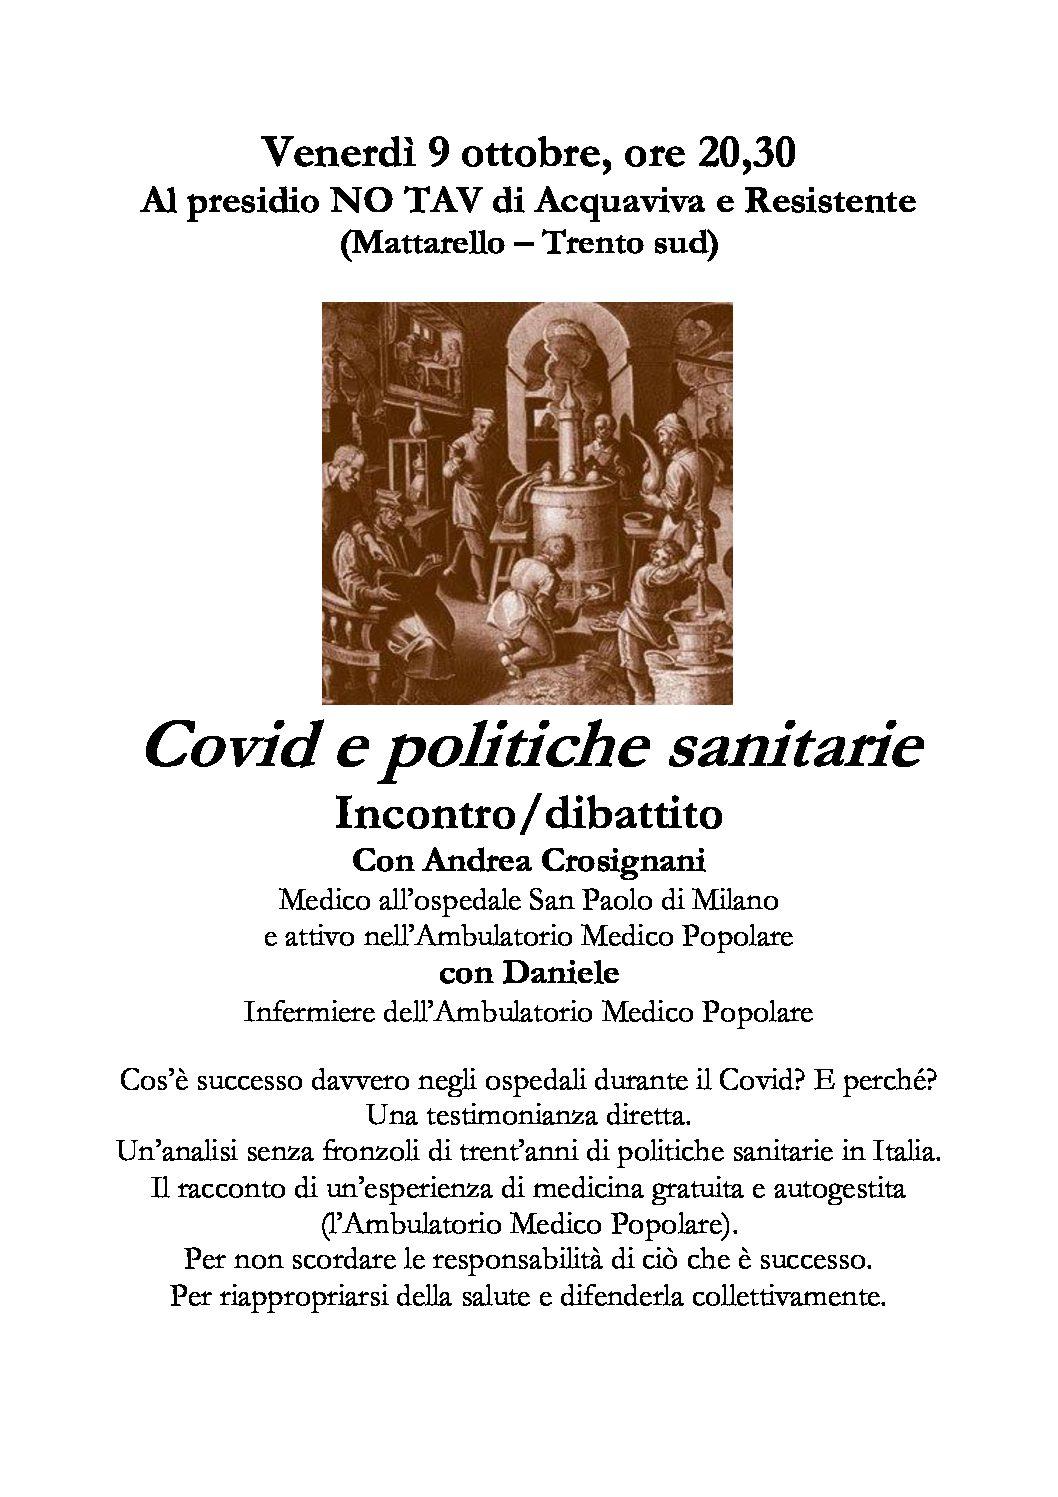 Trento: Covid e politiche sanitarie- Incontro e dibattito